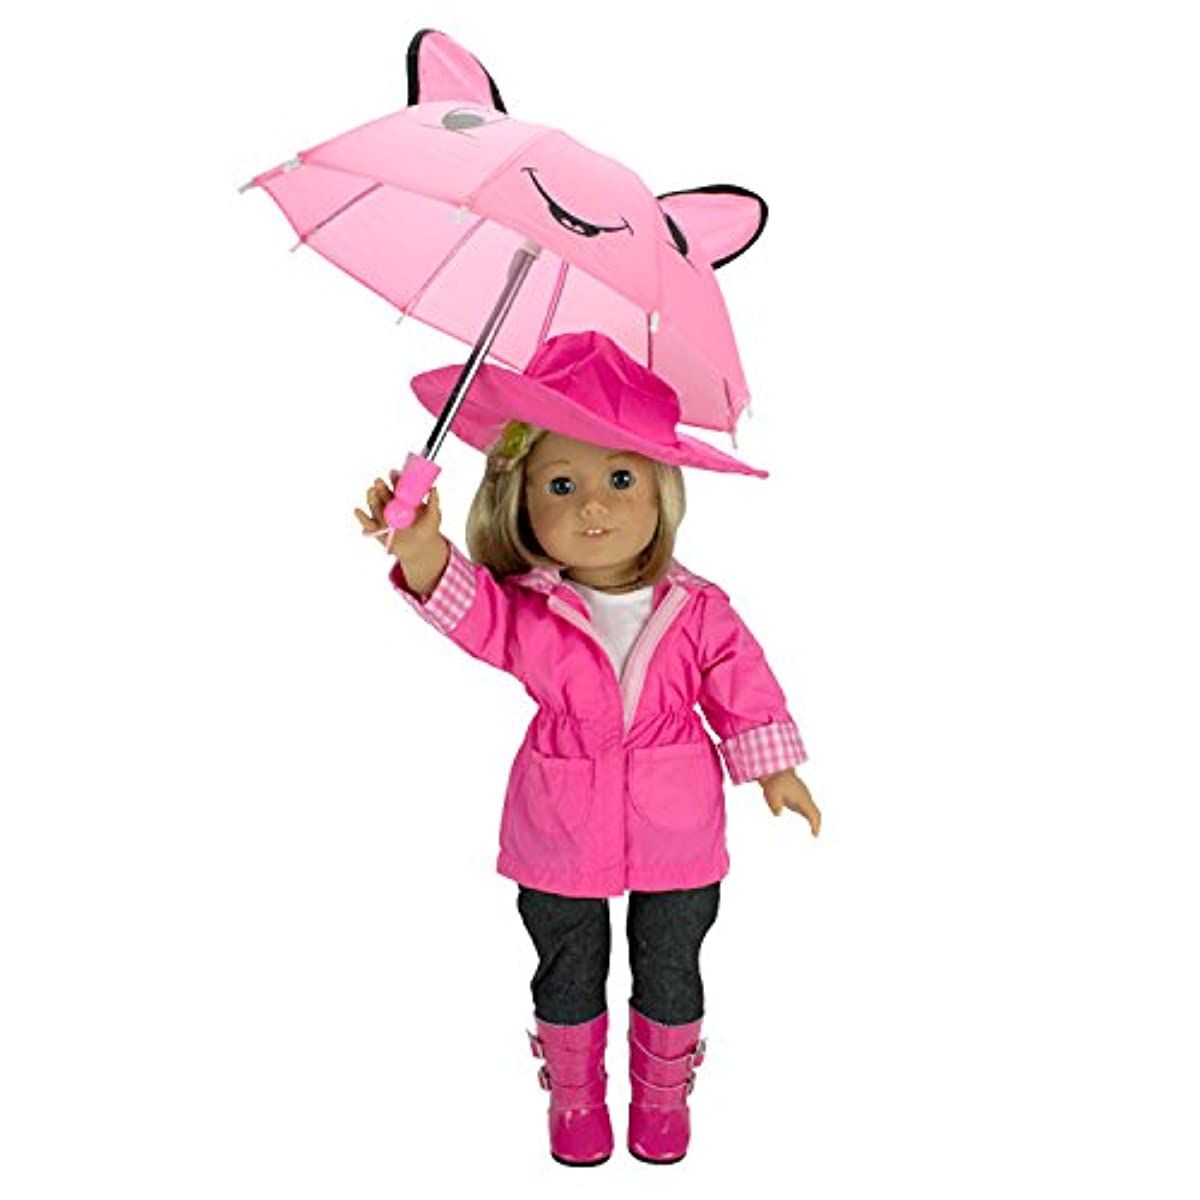 [인형옷] Dress Along Dolly Rain Coat Doll Clothes for American Girl Dolls:- Includes Rain Jacket, Umbrella, Boots, Hat, Pants, and Shirt [인형소품]